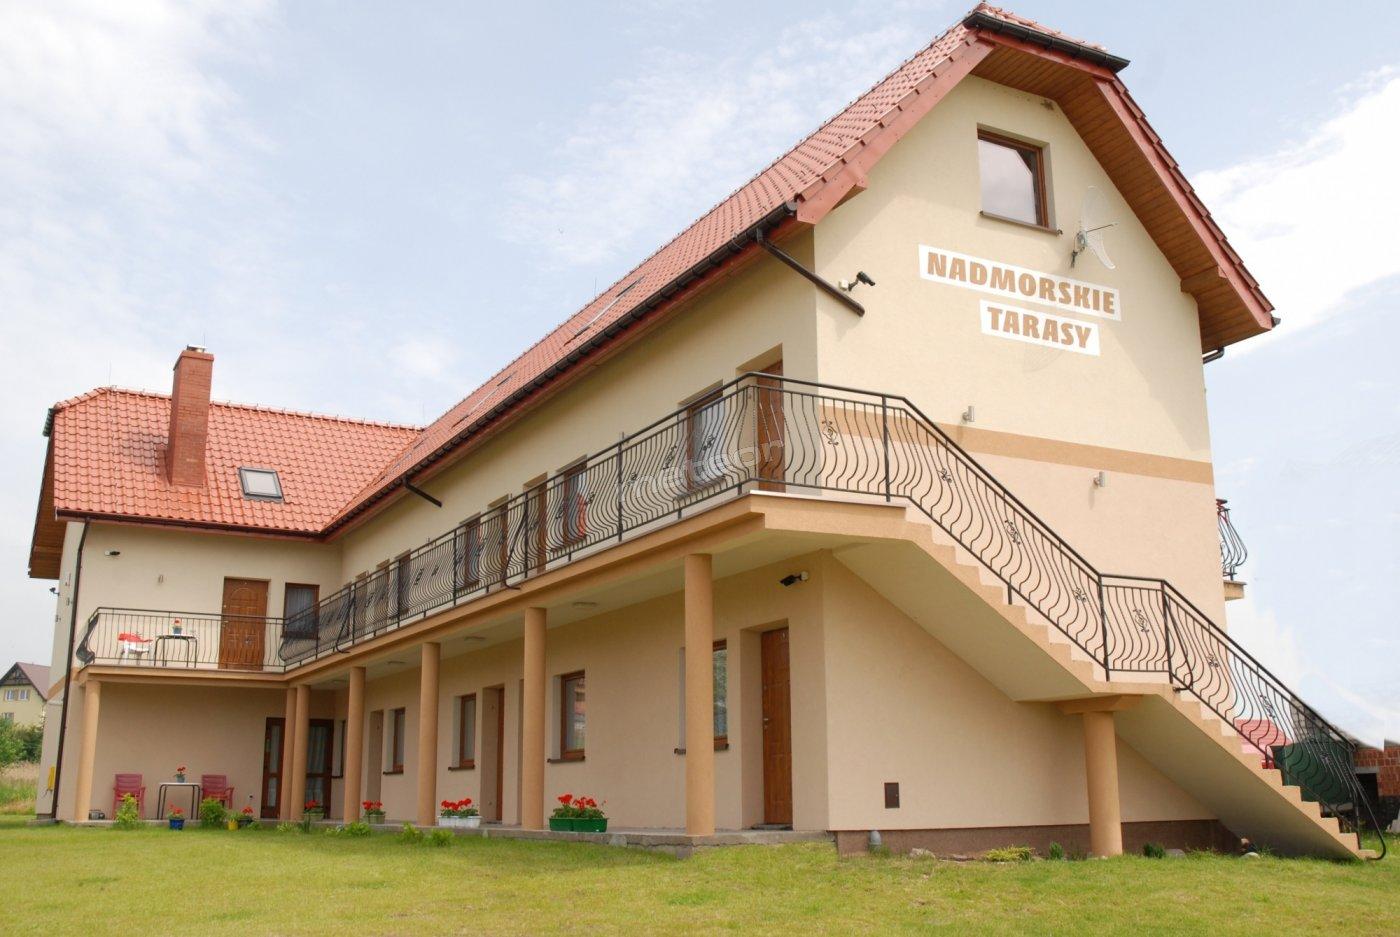 Gästezimmer Nadmorskie Tarasy